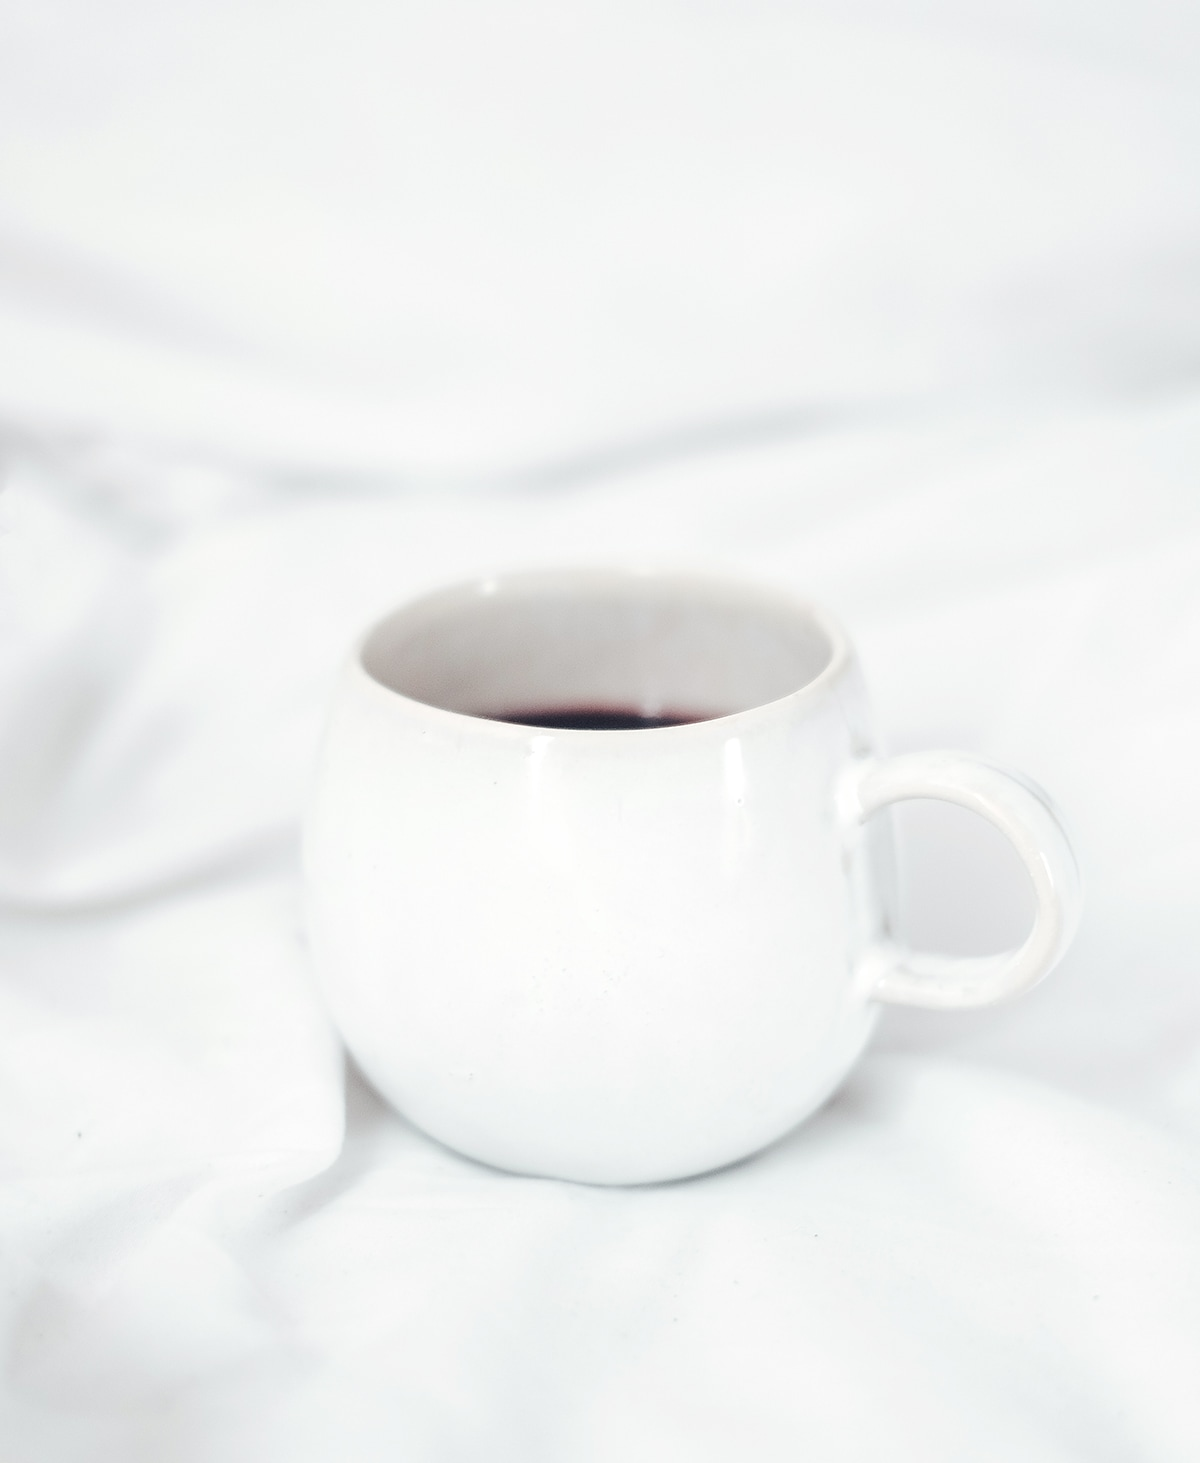 weiße Tasse mit Kaffee gefüllt auf einem Bett mit weißer Bettwäsche